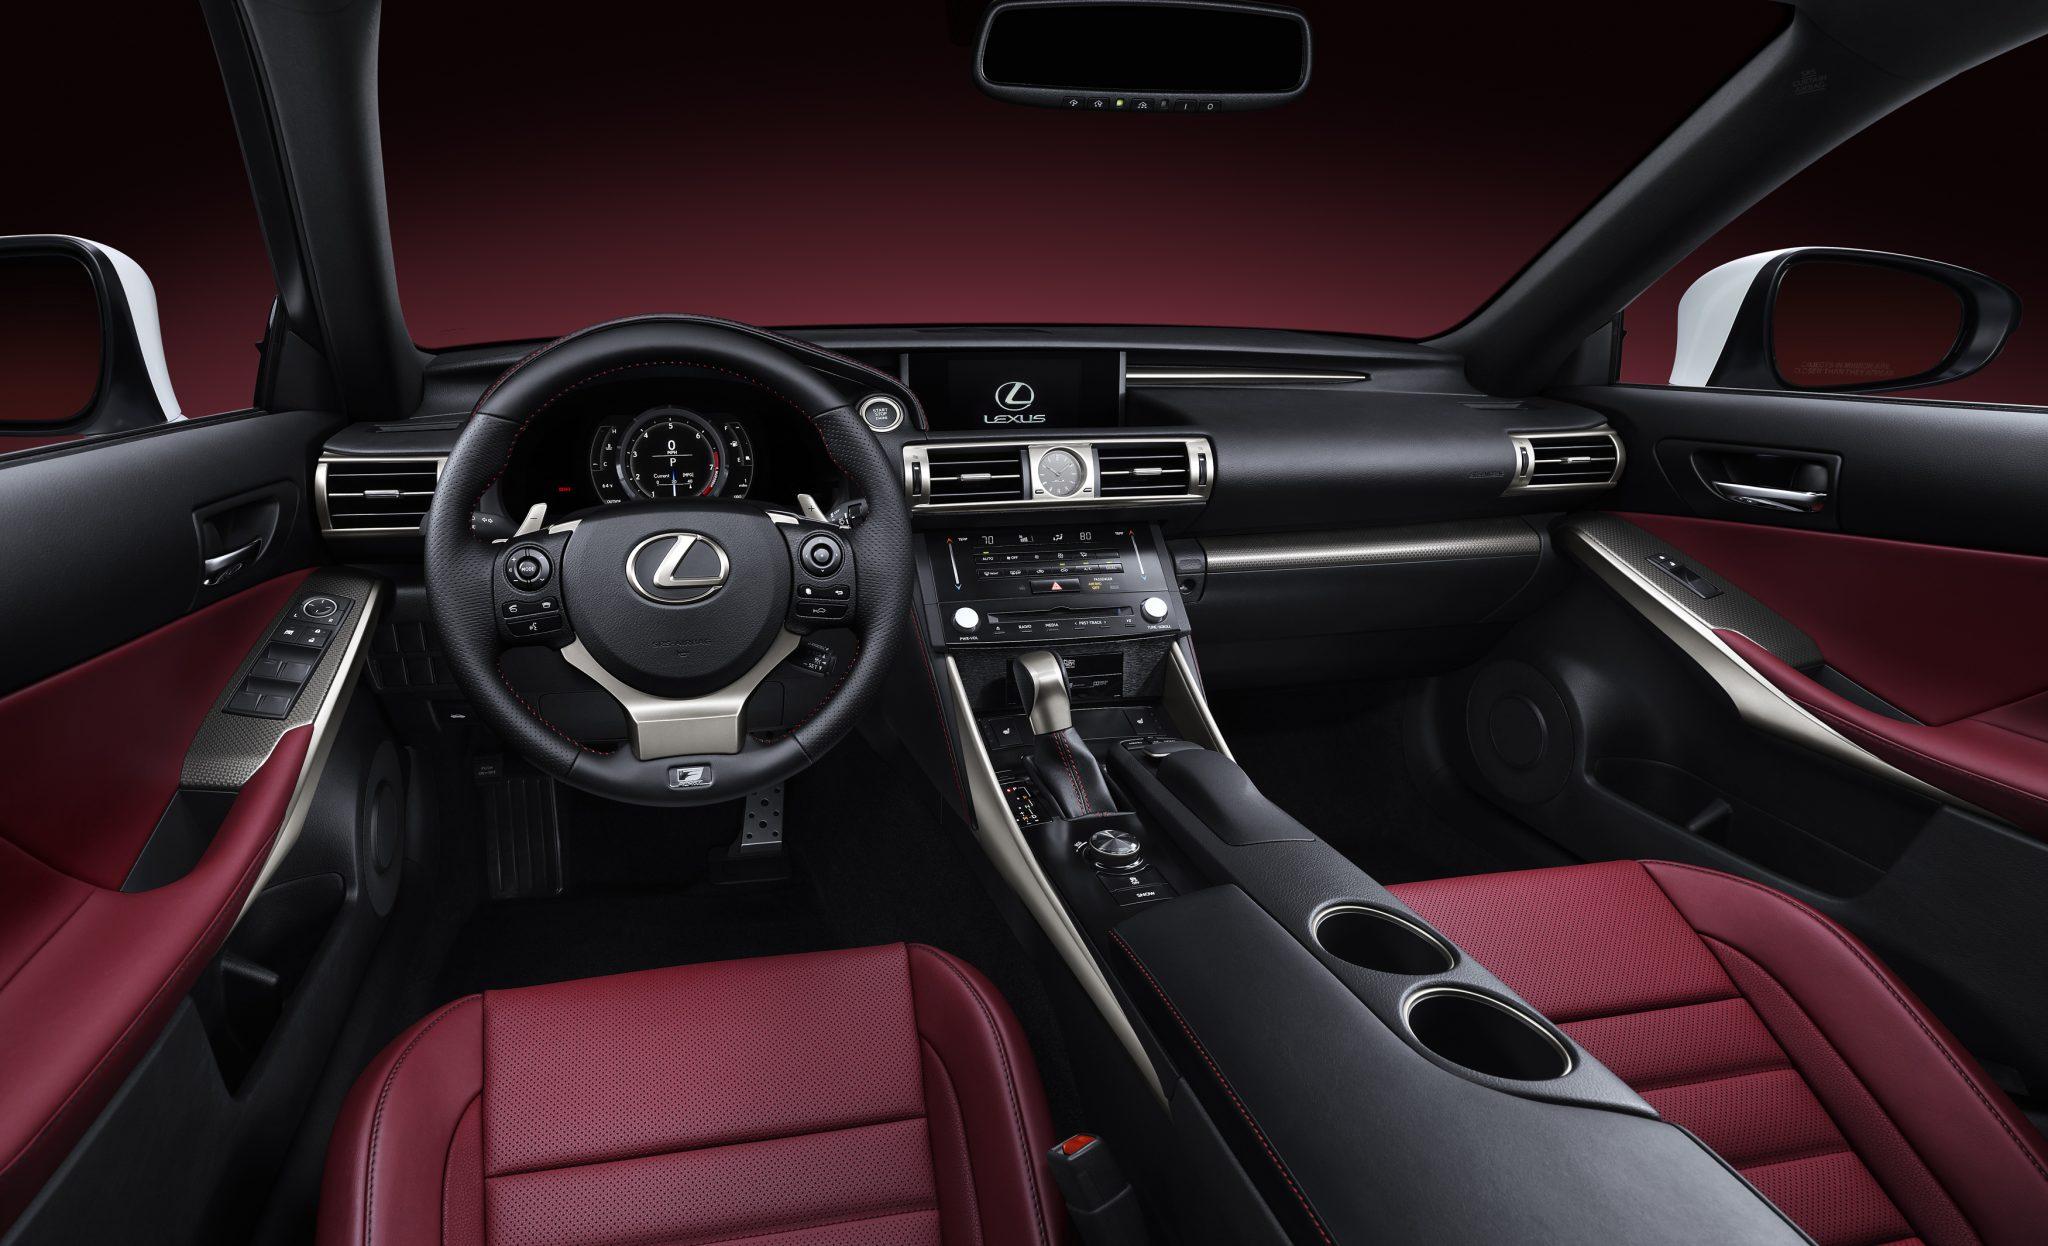 Lexus Cars News 2013 Lexus Is First Official Photos